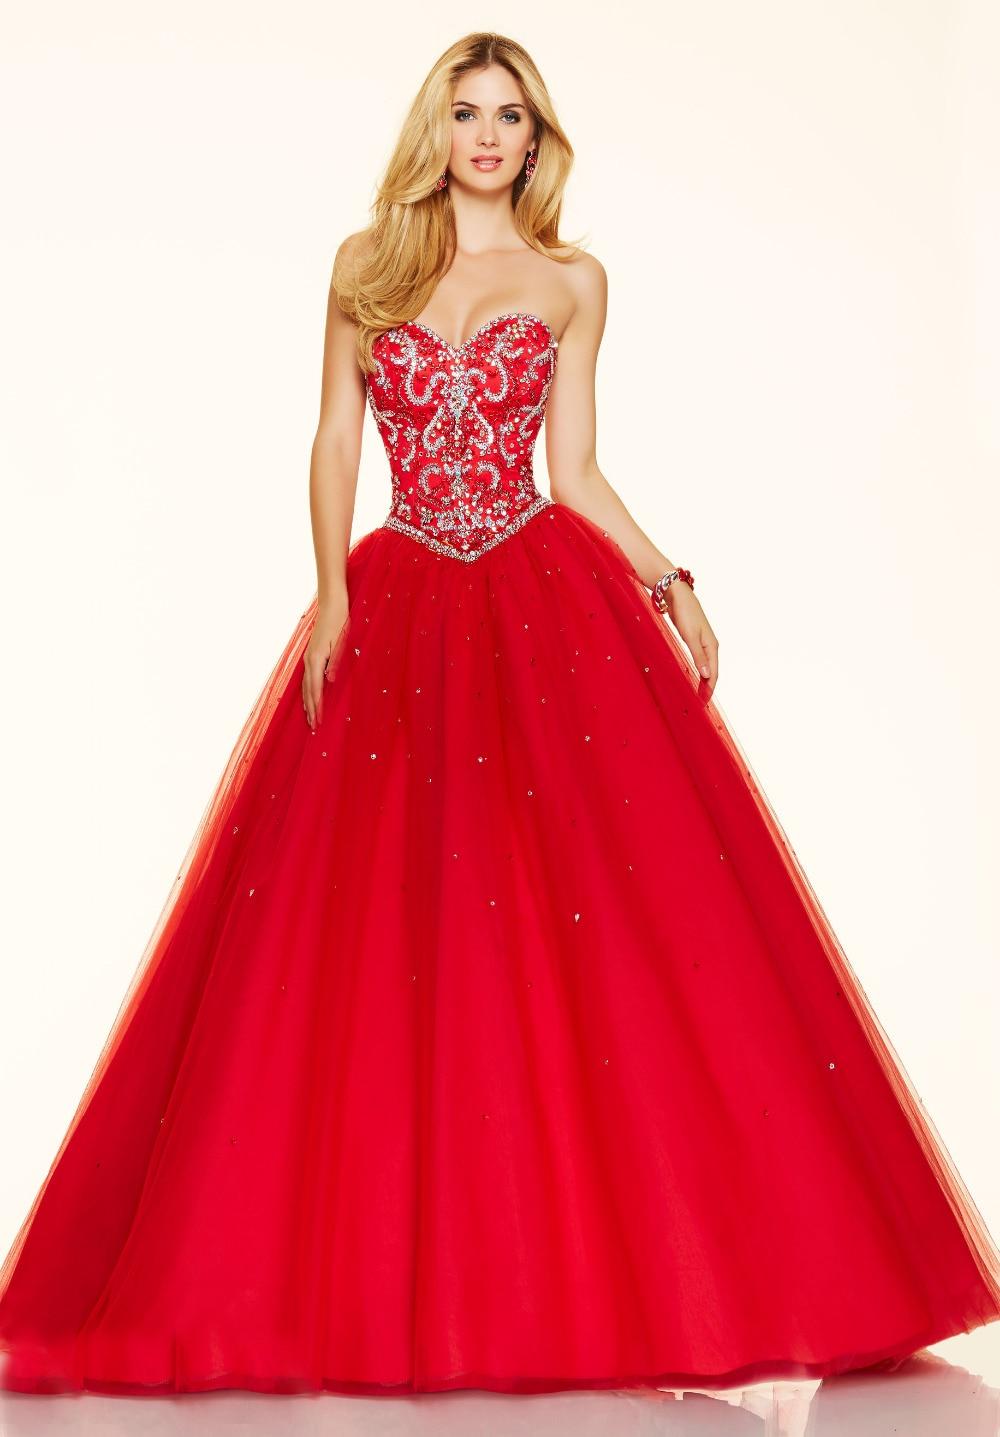 Online Get Cheap Formal Ball Dresses -Aliexpress.com | Alibaba Group